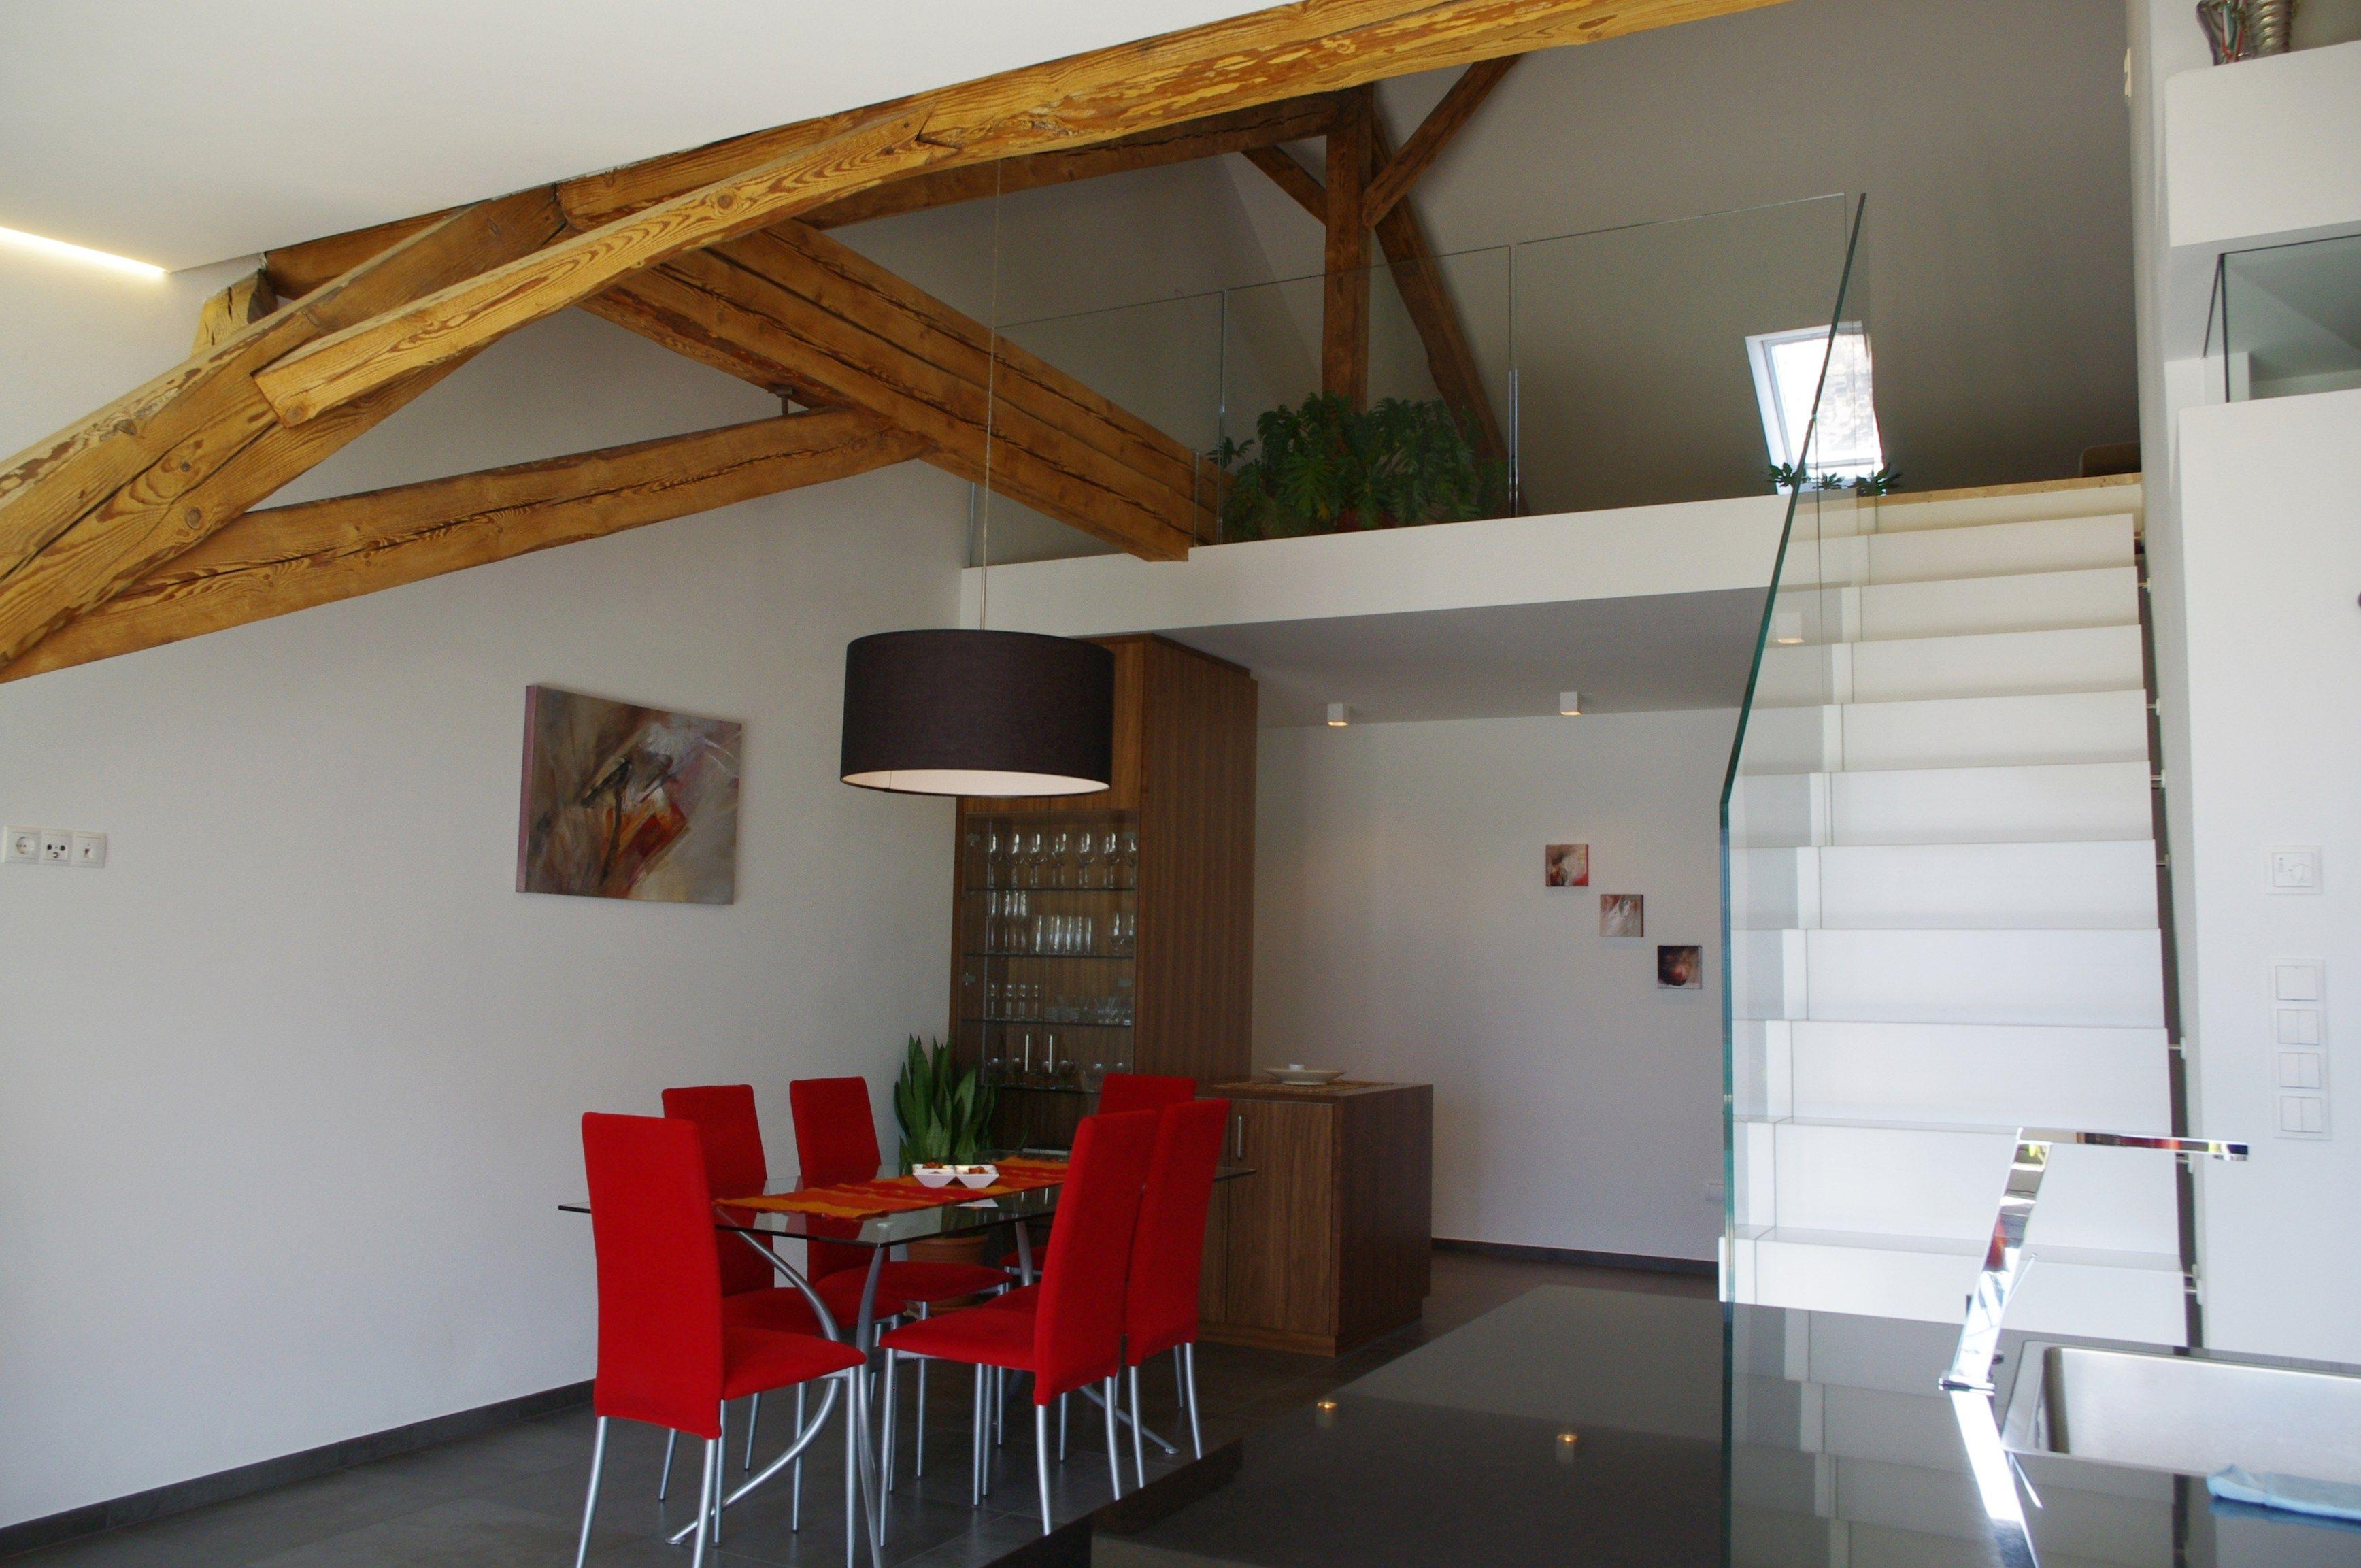 700 escalier ouvert by interbau suedtirol treppen - Escalier ouvert ...